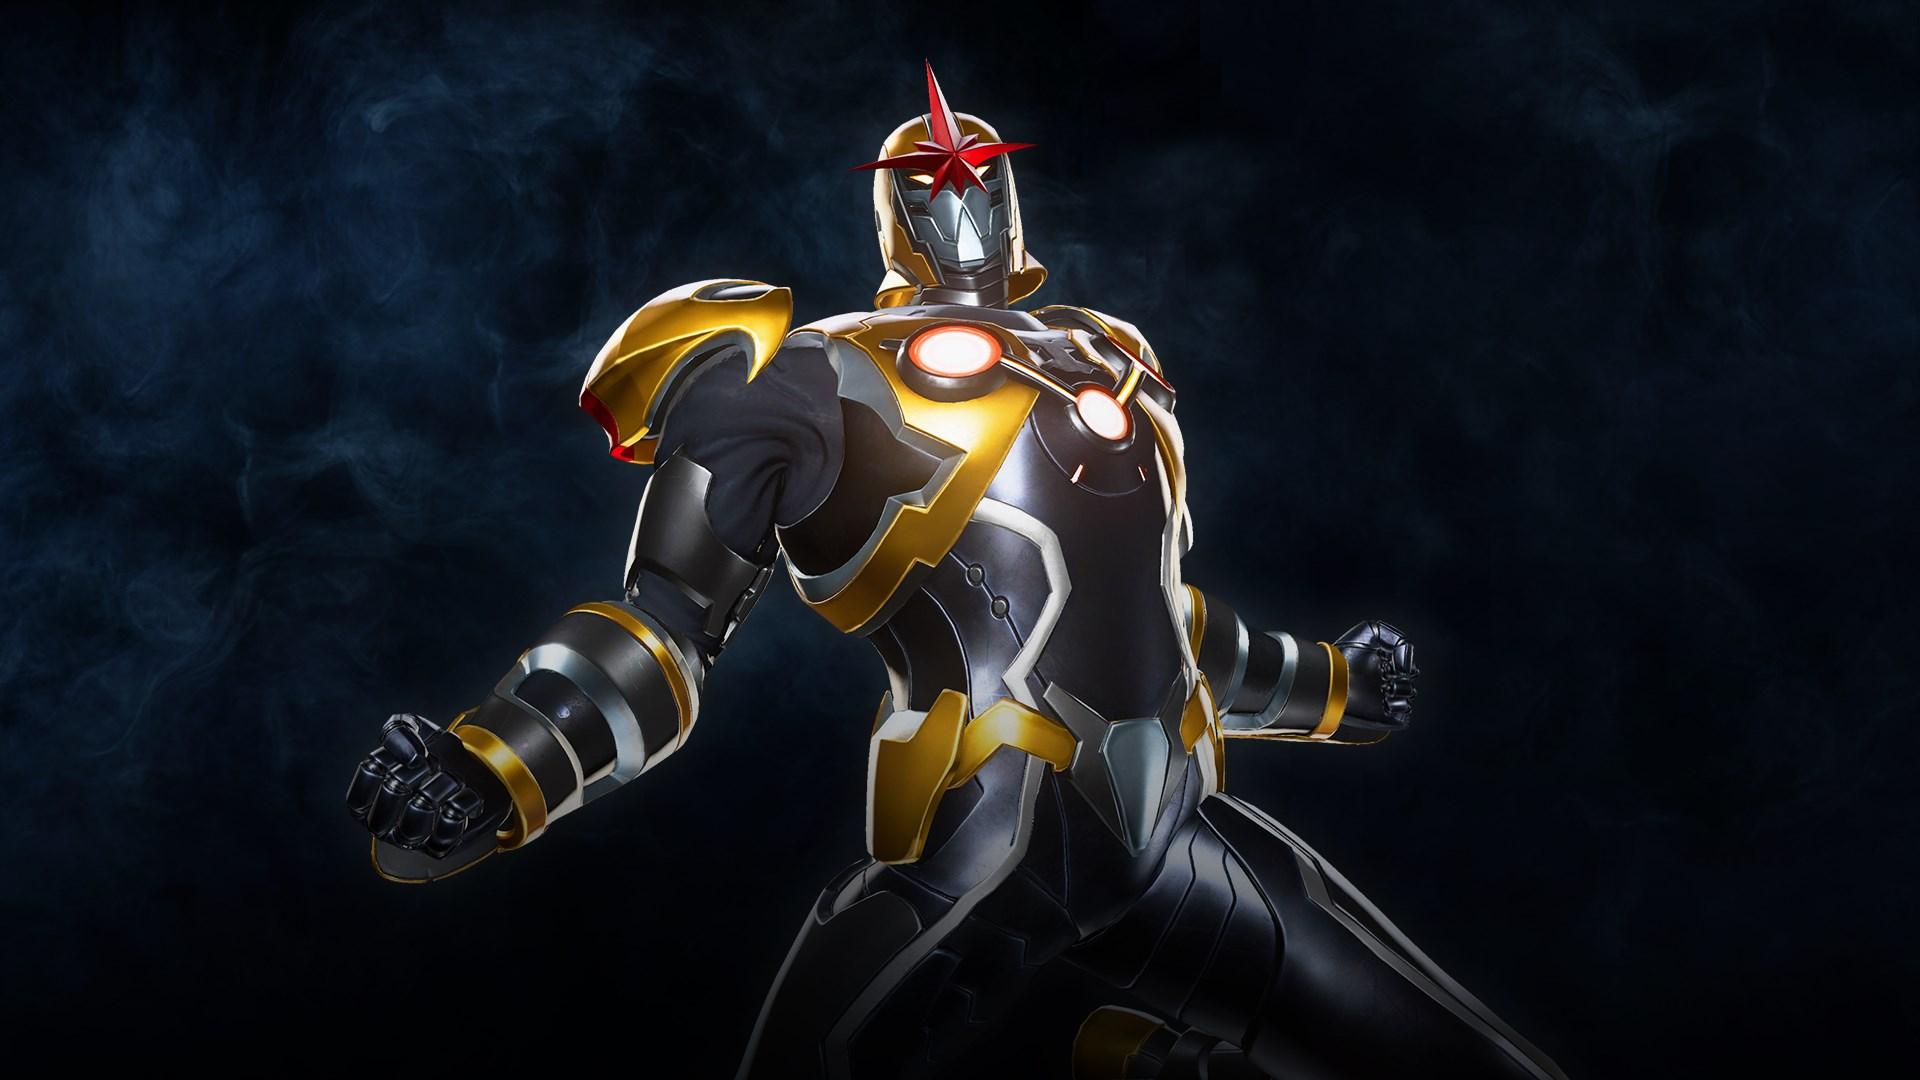 Marvel vs. Capcom: Infinite -Nova Prime Costume